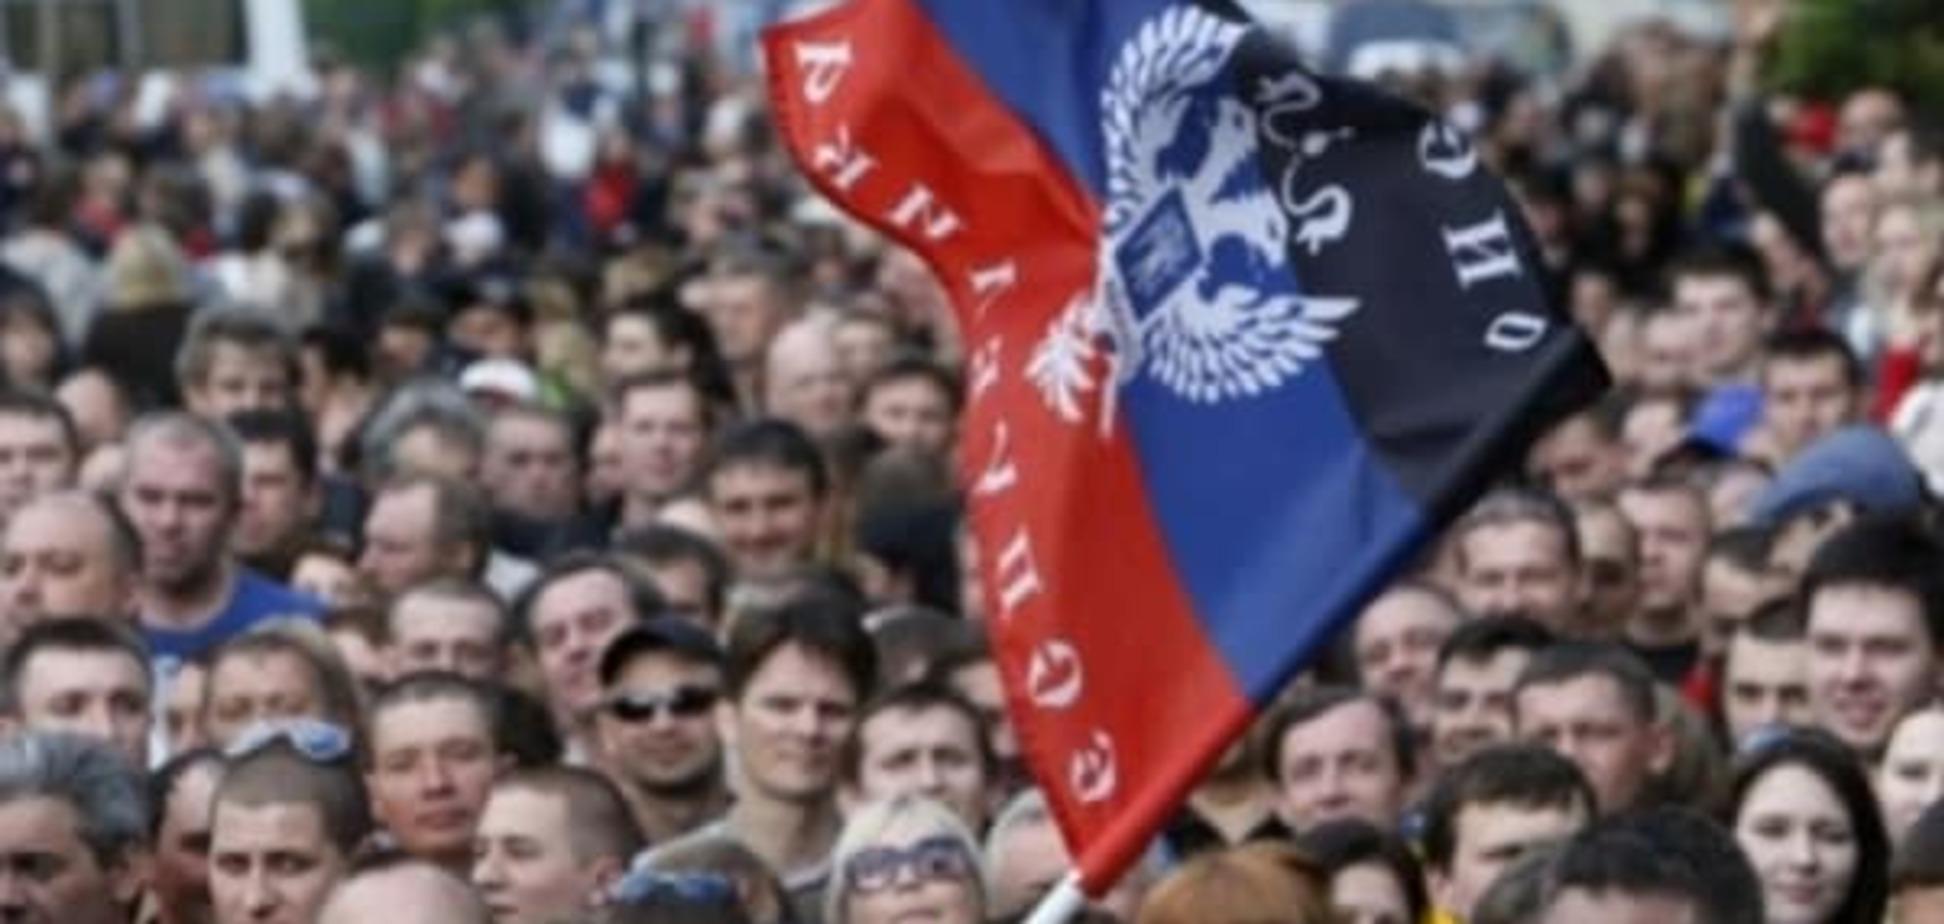 Росіяни не проти допомагати 'ДНР' - 'ЛНР', але бачити їх у себе не хочуть - опитування